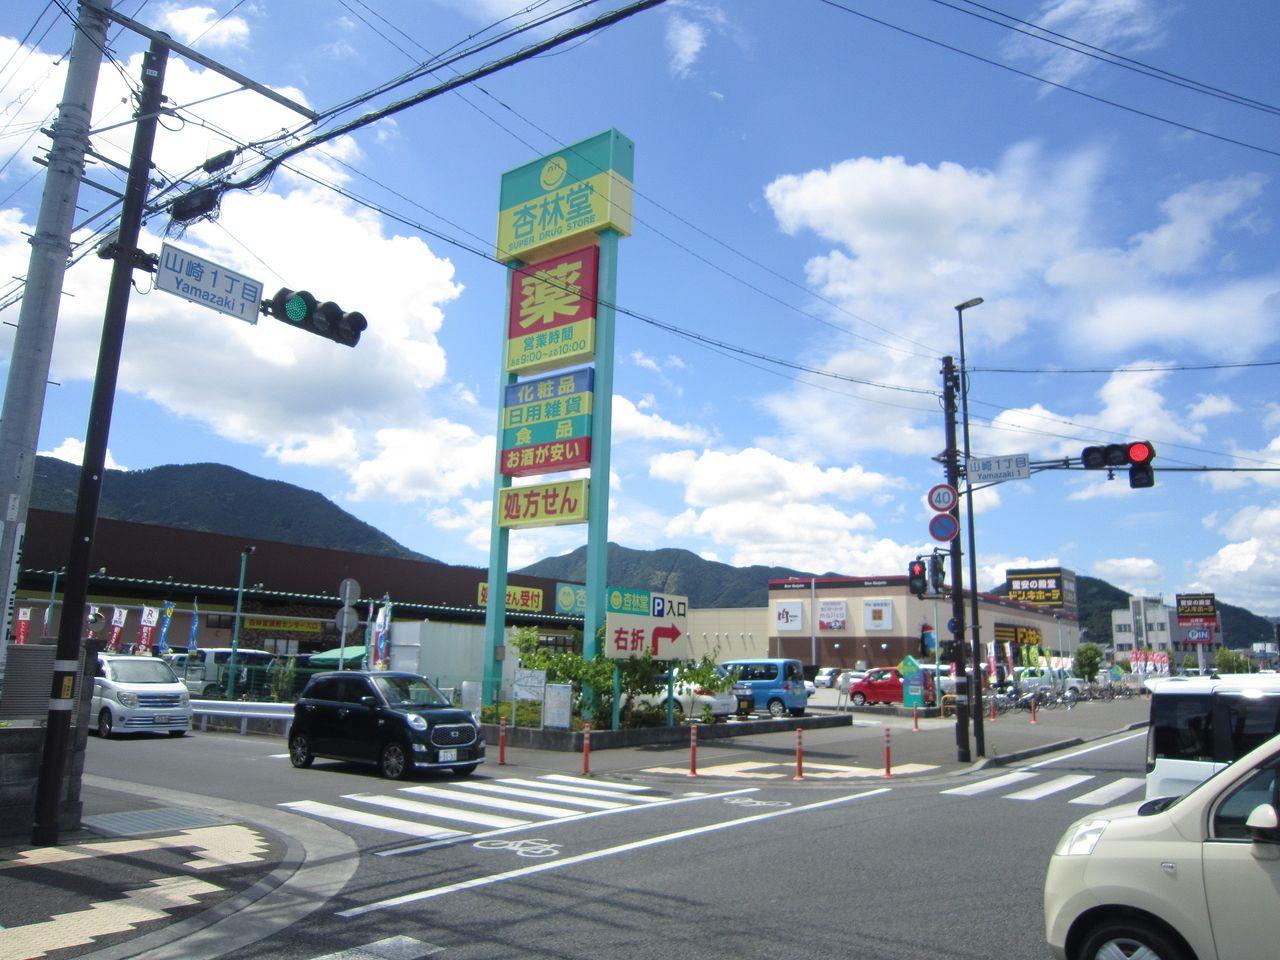 杏林堂薬局山崎店は大型薬局店として、食材や飲料も取り揃えています。